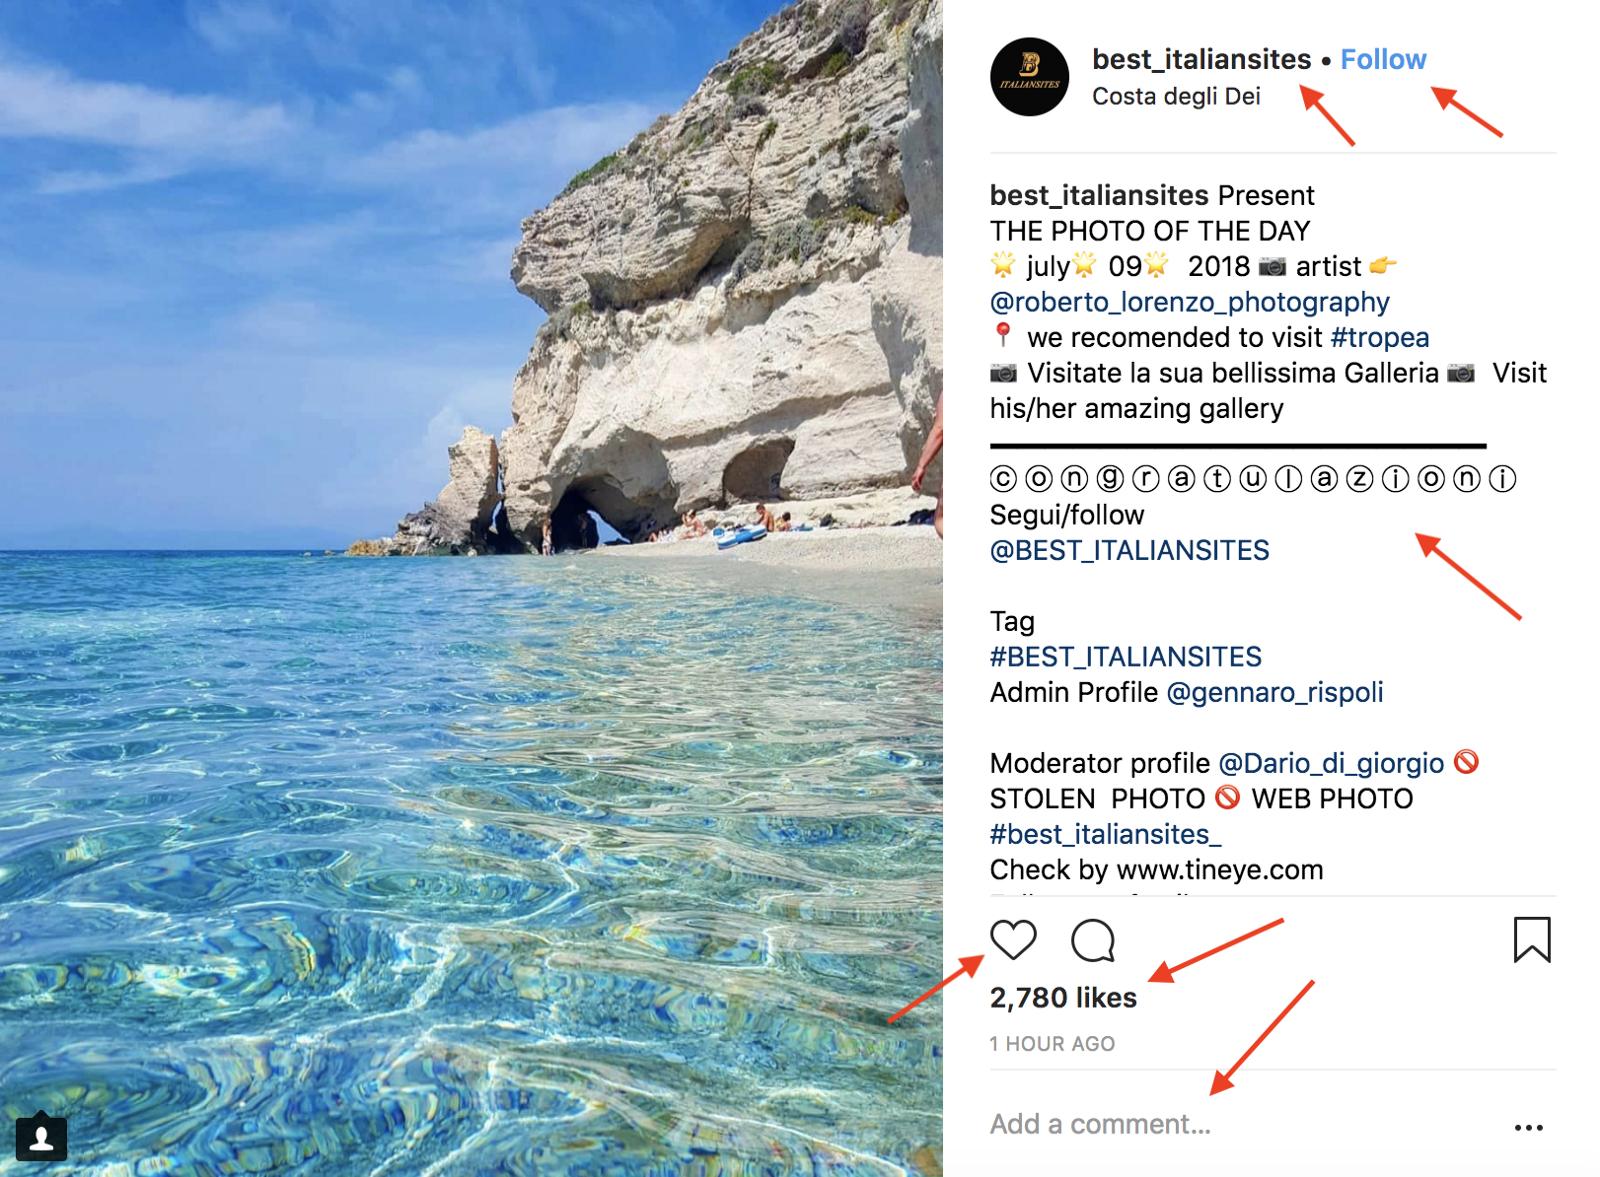 Creating an Instagram Bot With Node js - By Maciej Cieślar